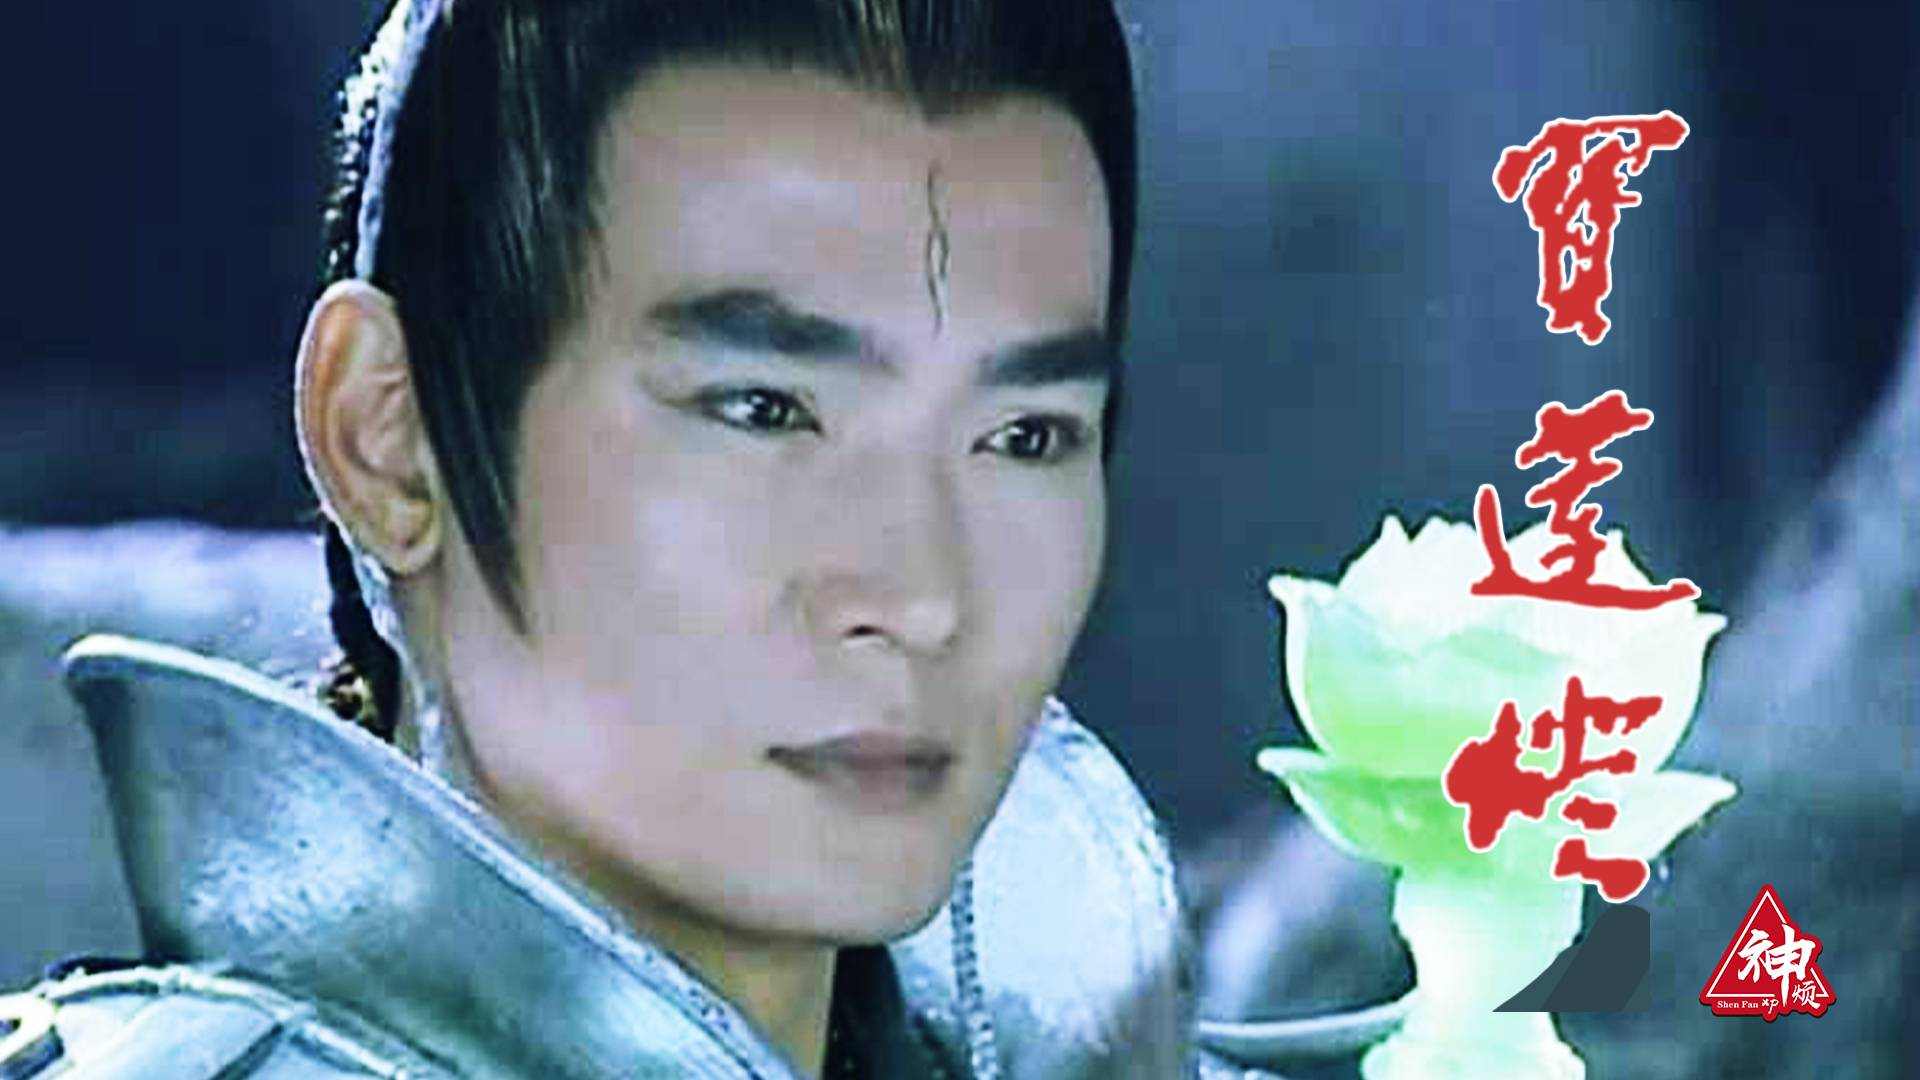 想起15年前的《宝莲灯》,再也没见过这么帅的二郎神了。